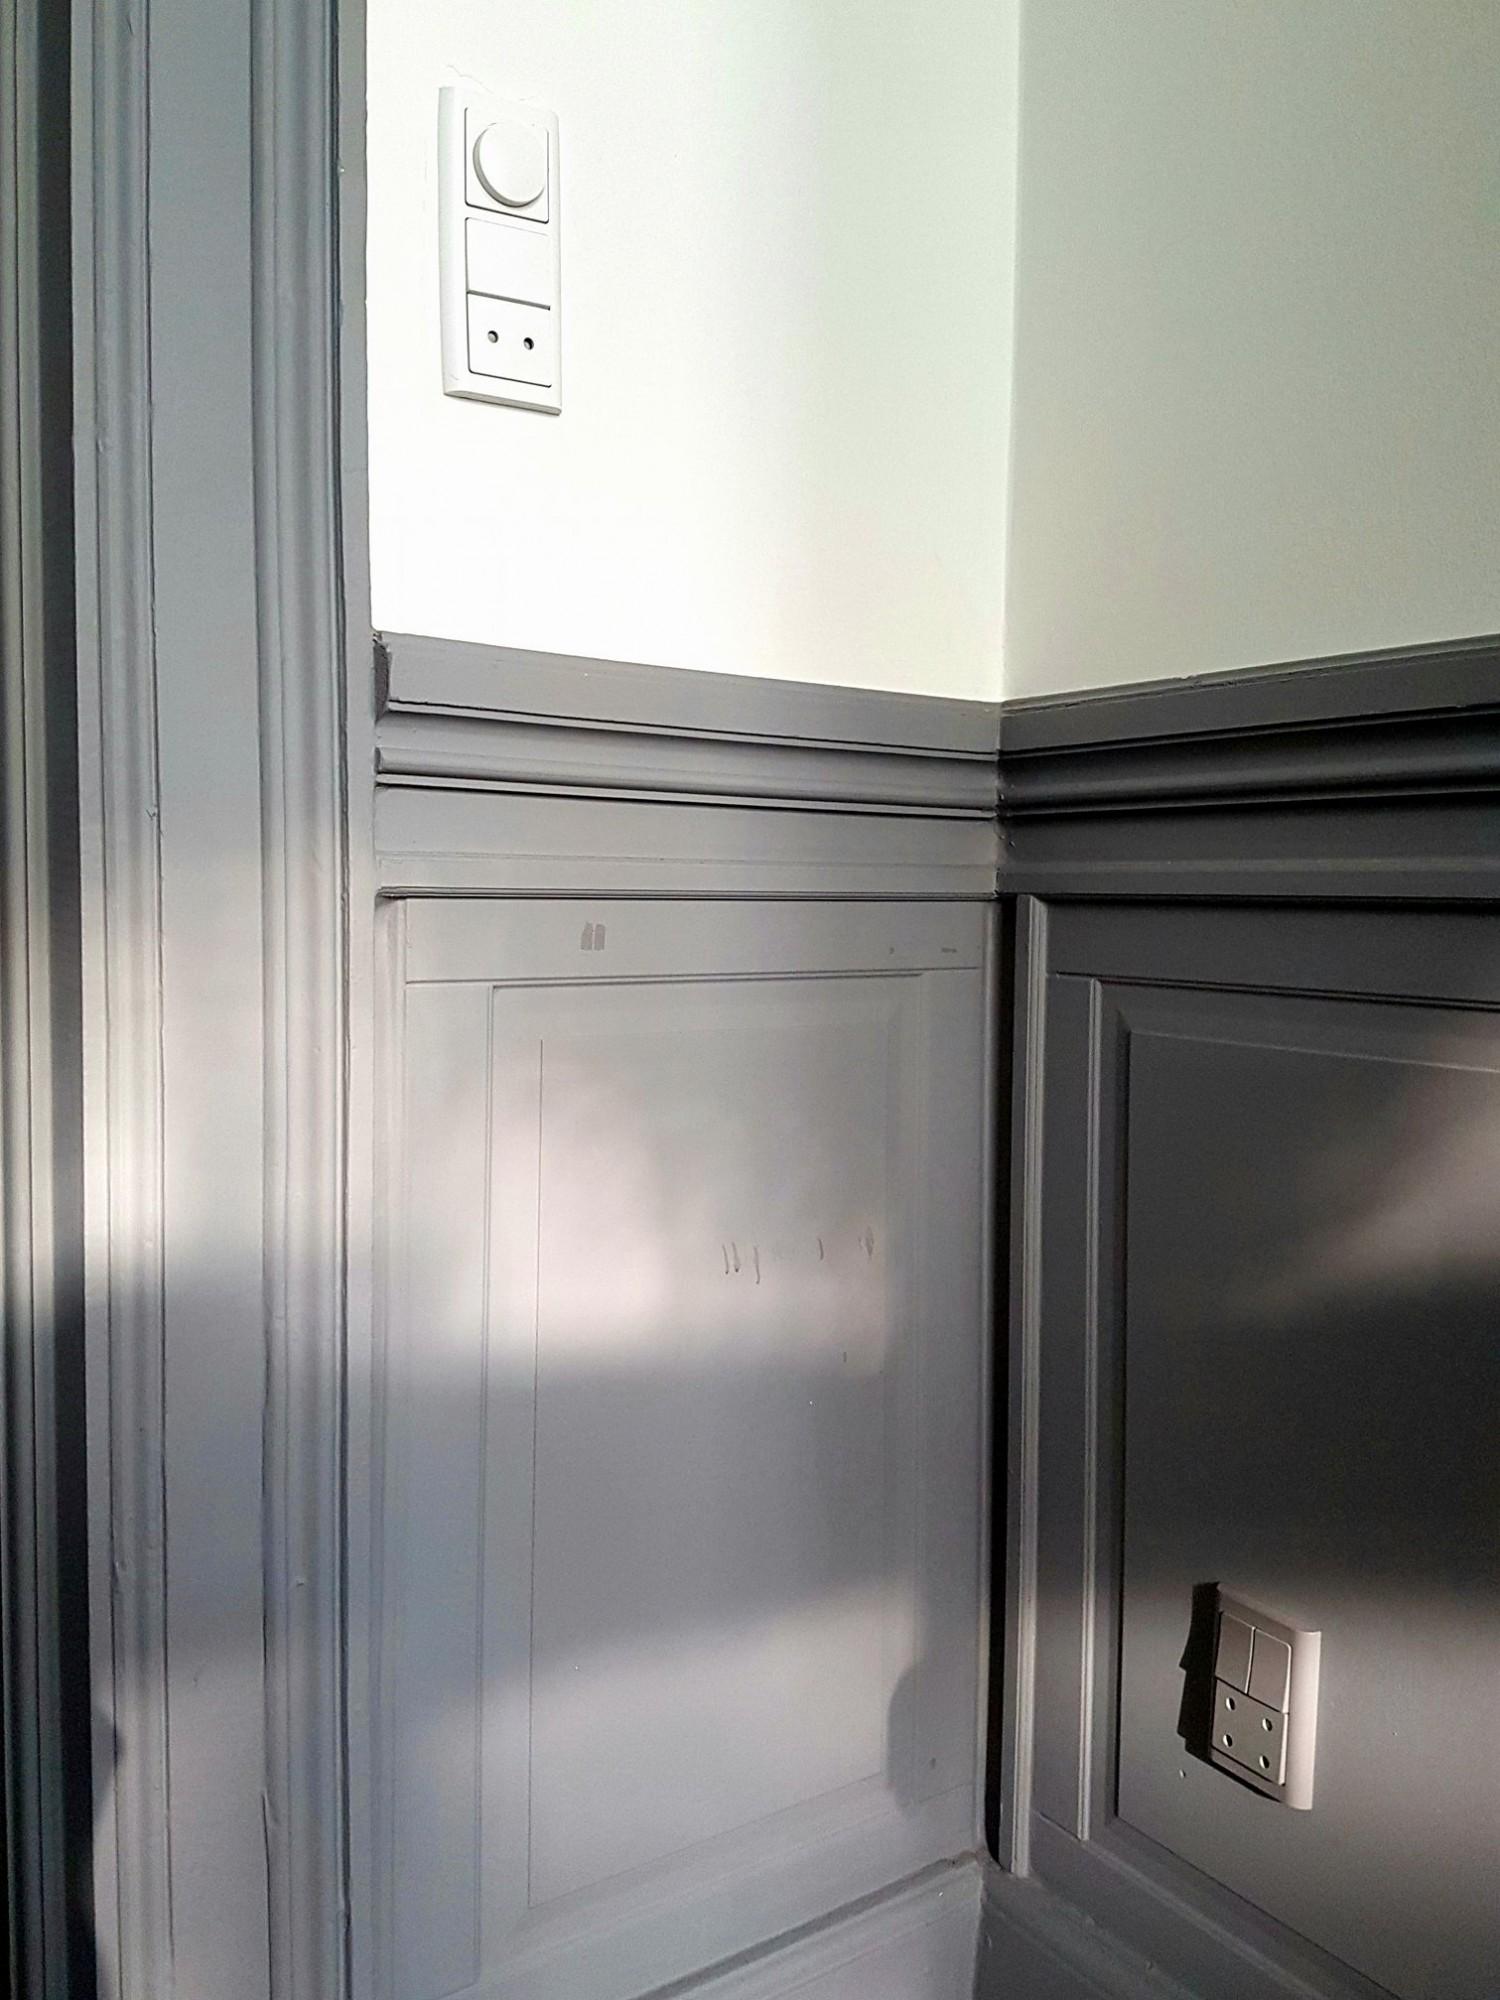 Her et godt eksempel hjemme hos mig, Grå kontakter på grå flader, og hvide kontakter på hvide flader.